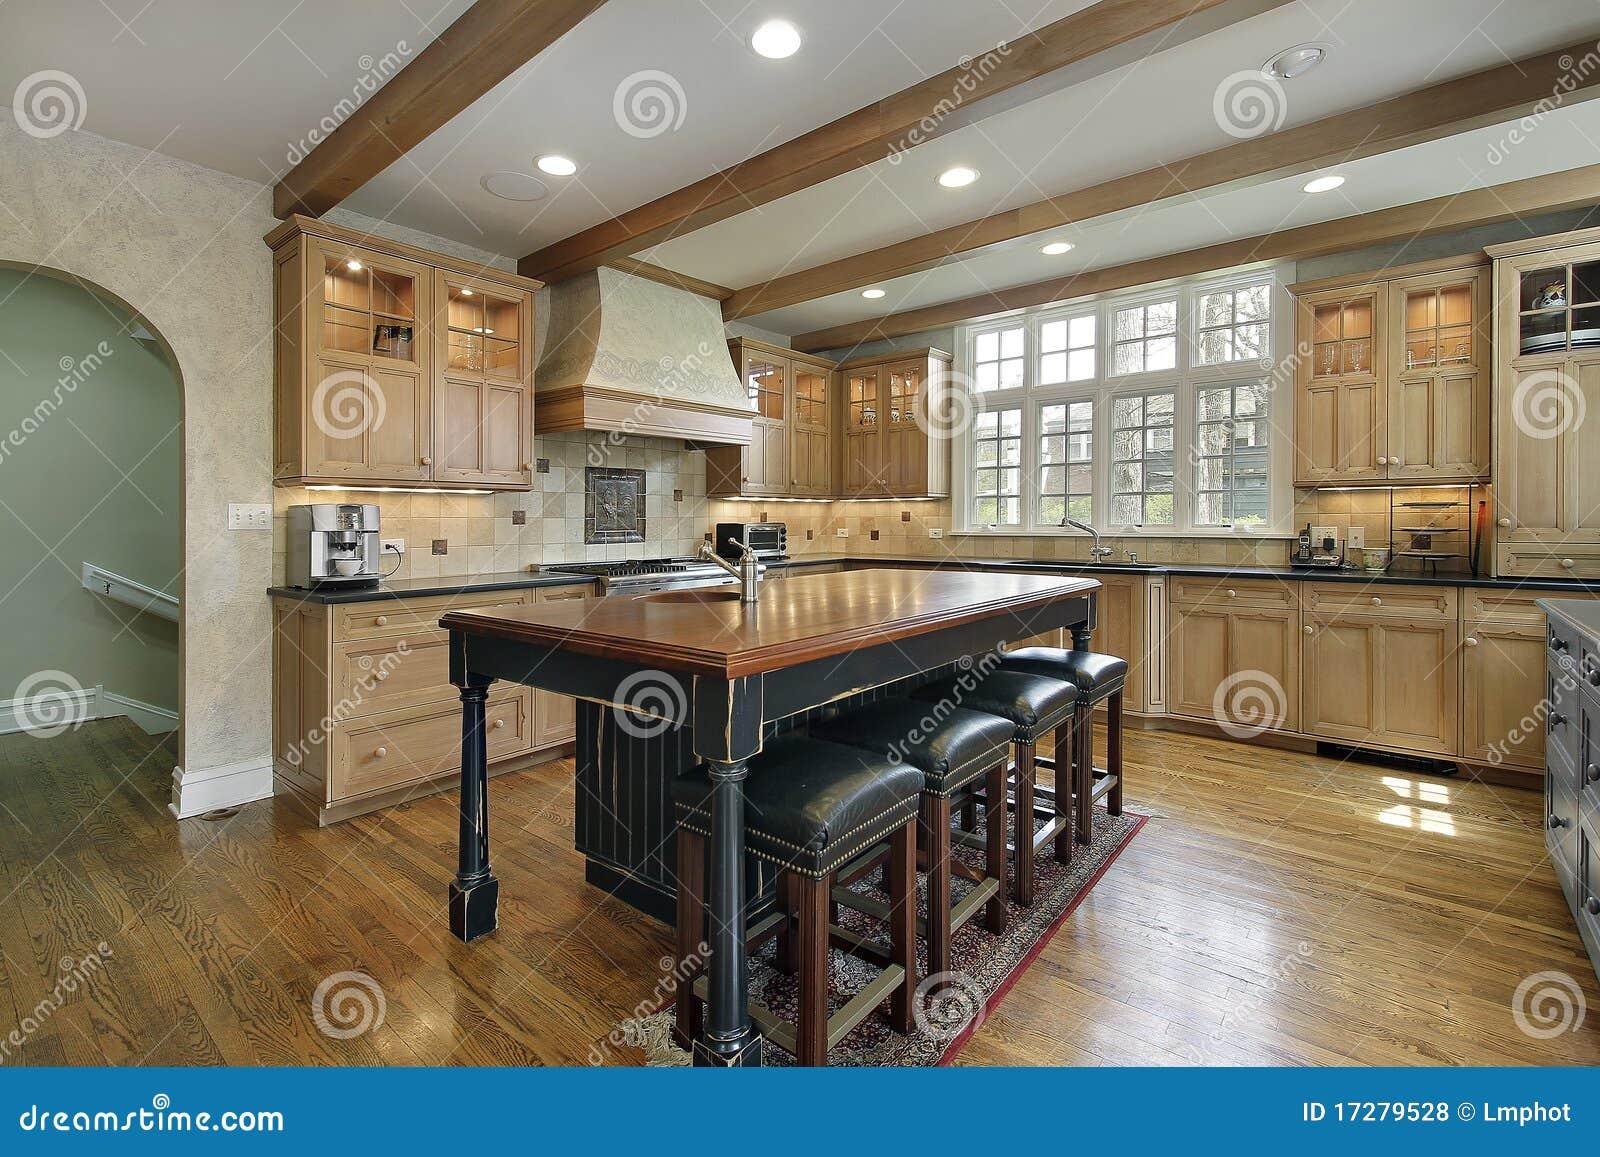 Küche mit Mittelinsel stockfoto. Bild von küche, granit - 17279528